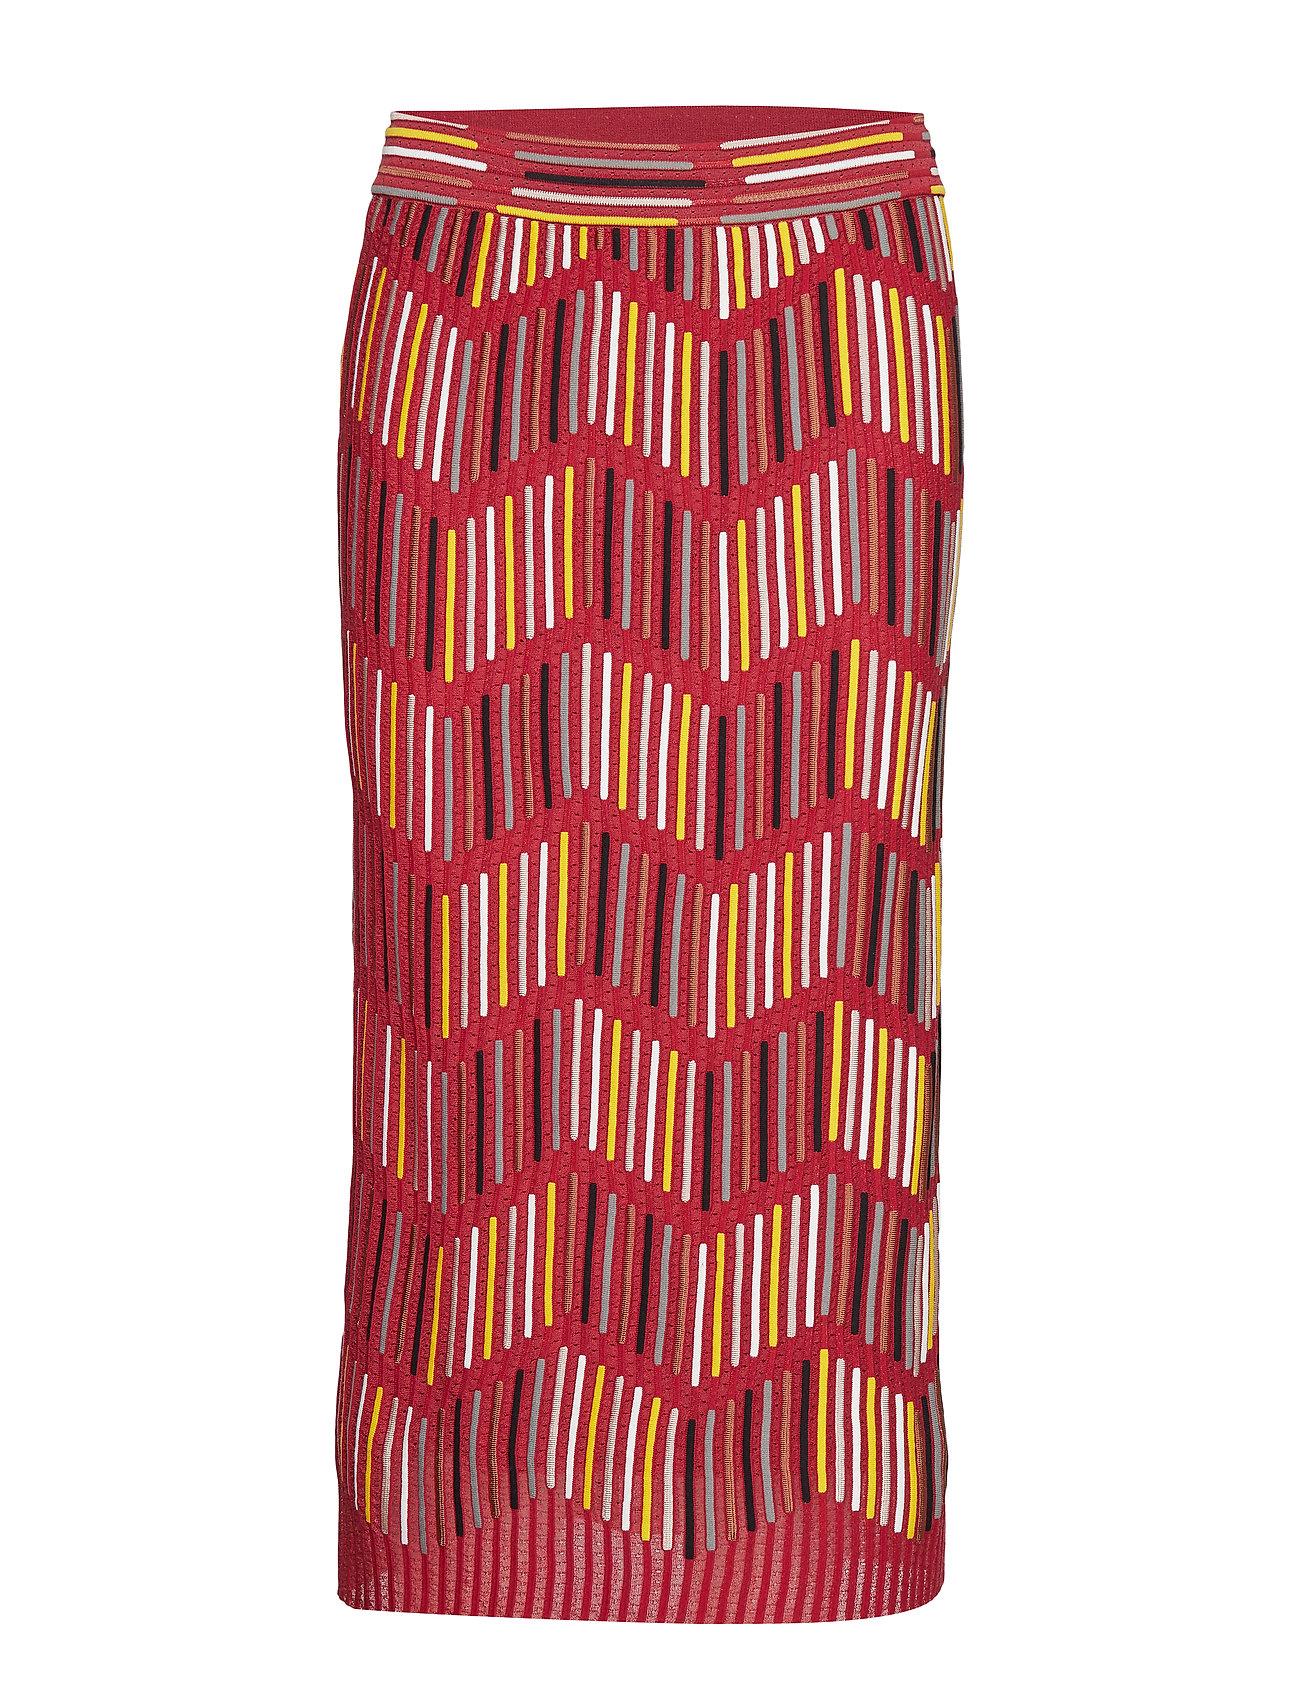 00998723 2dh00054-2k002b (Red) (4449 kr) - M Missoni - | Boozt.com